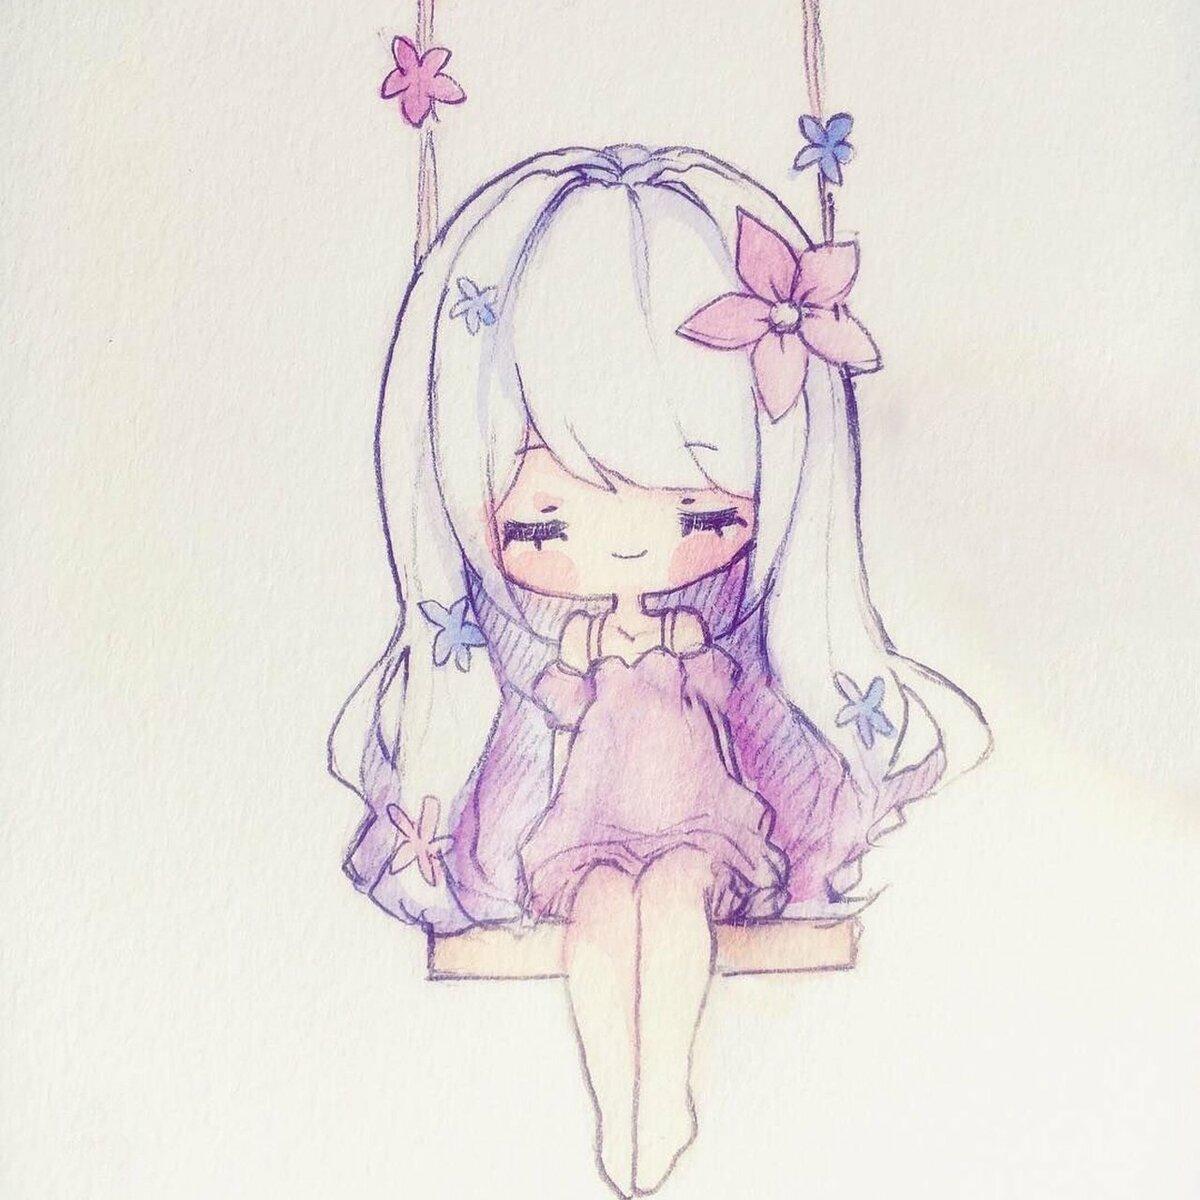 Картинки девочек карандашом милые